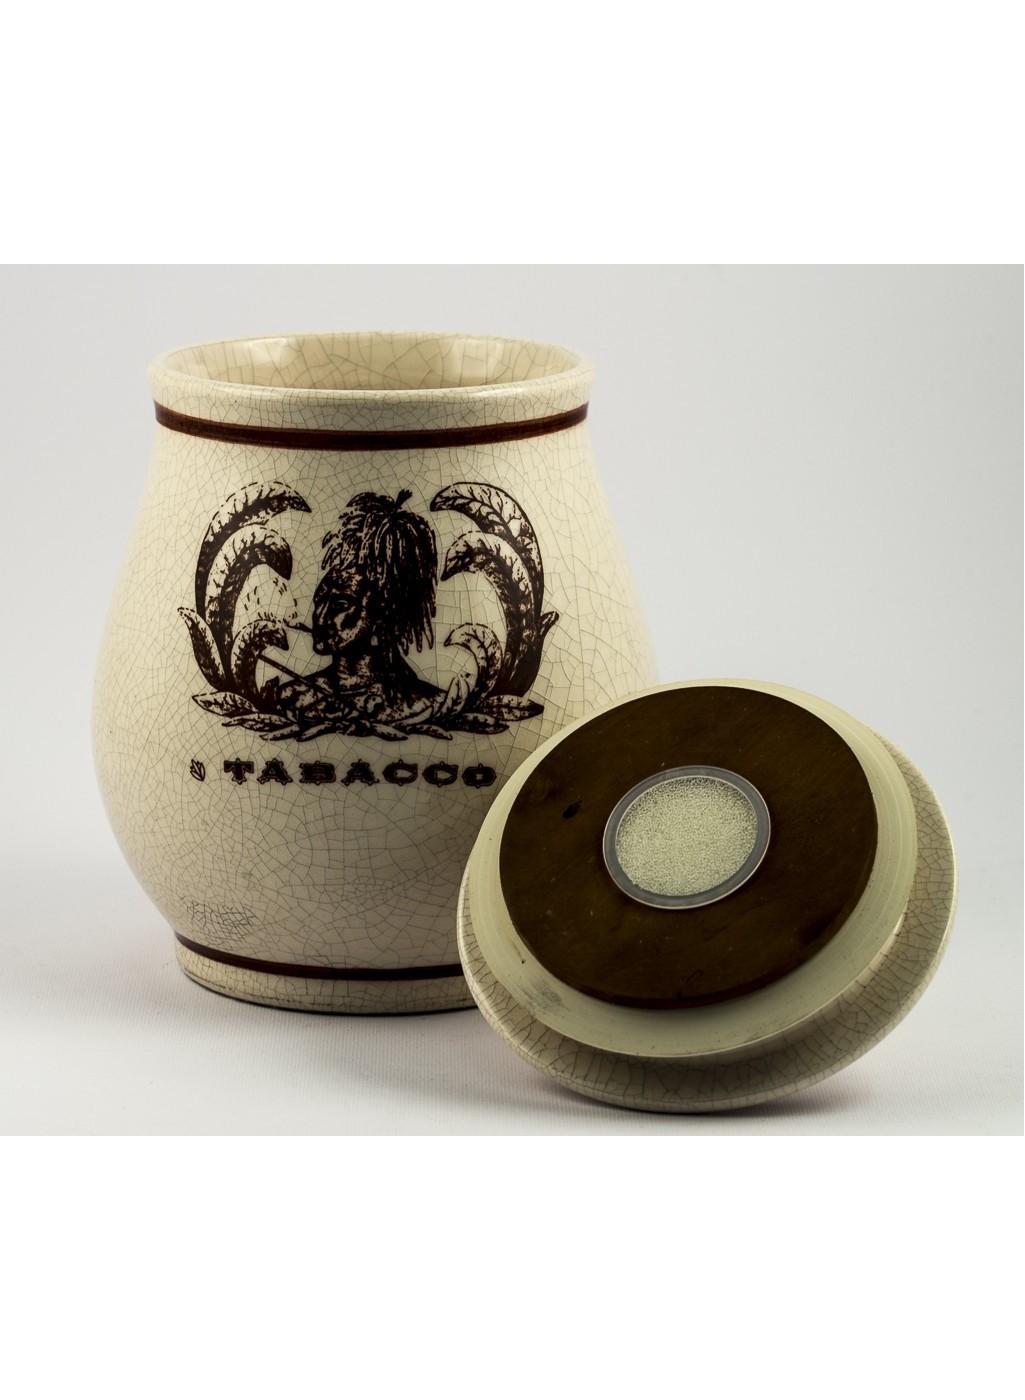 Savinelli vaso porta tabacco indian tabaccheria corti - Vaso porta tabacco ...